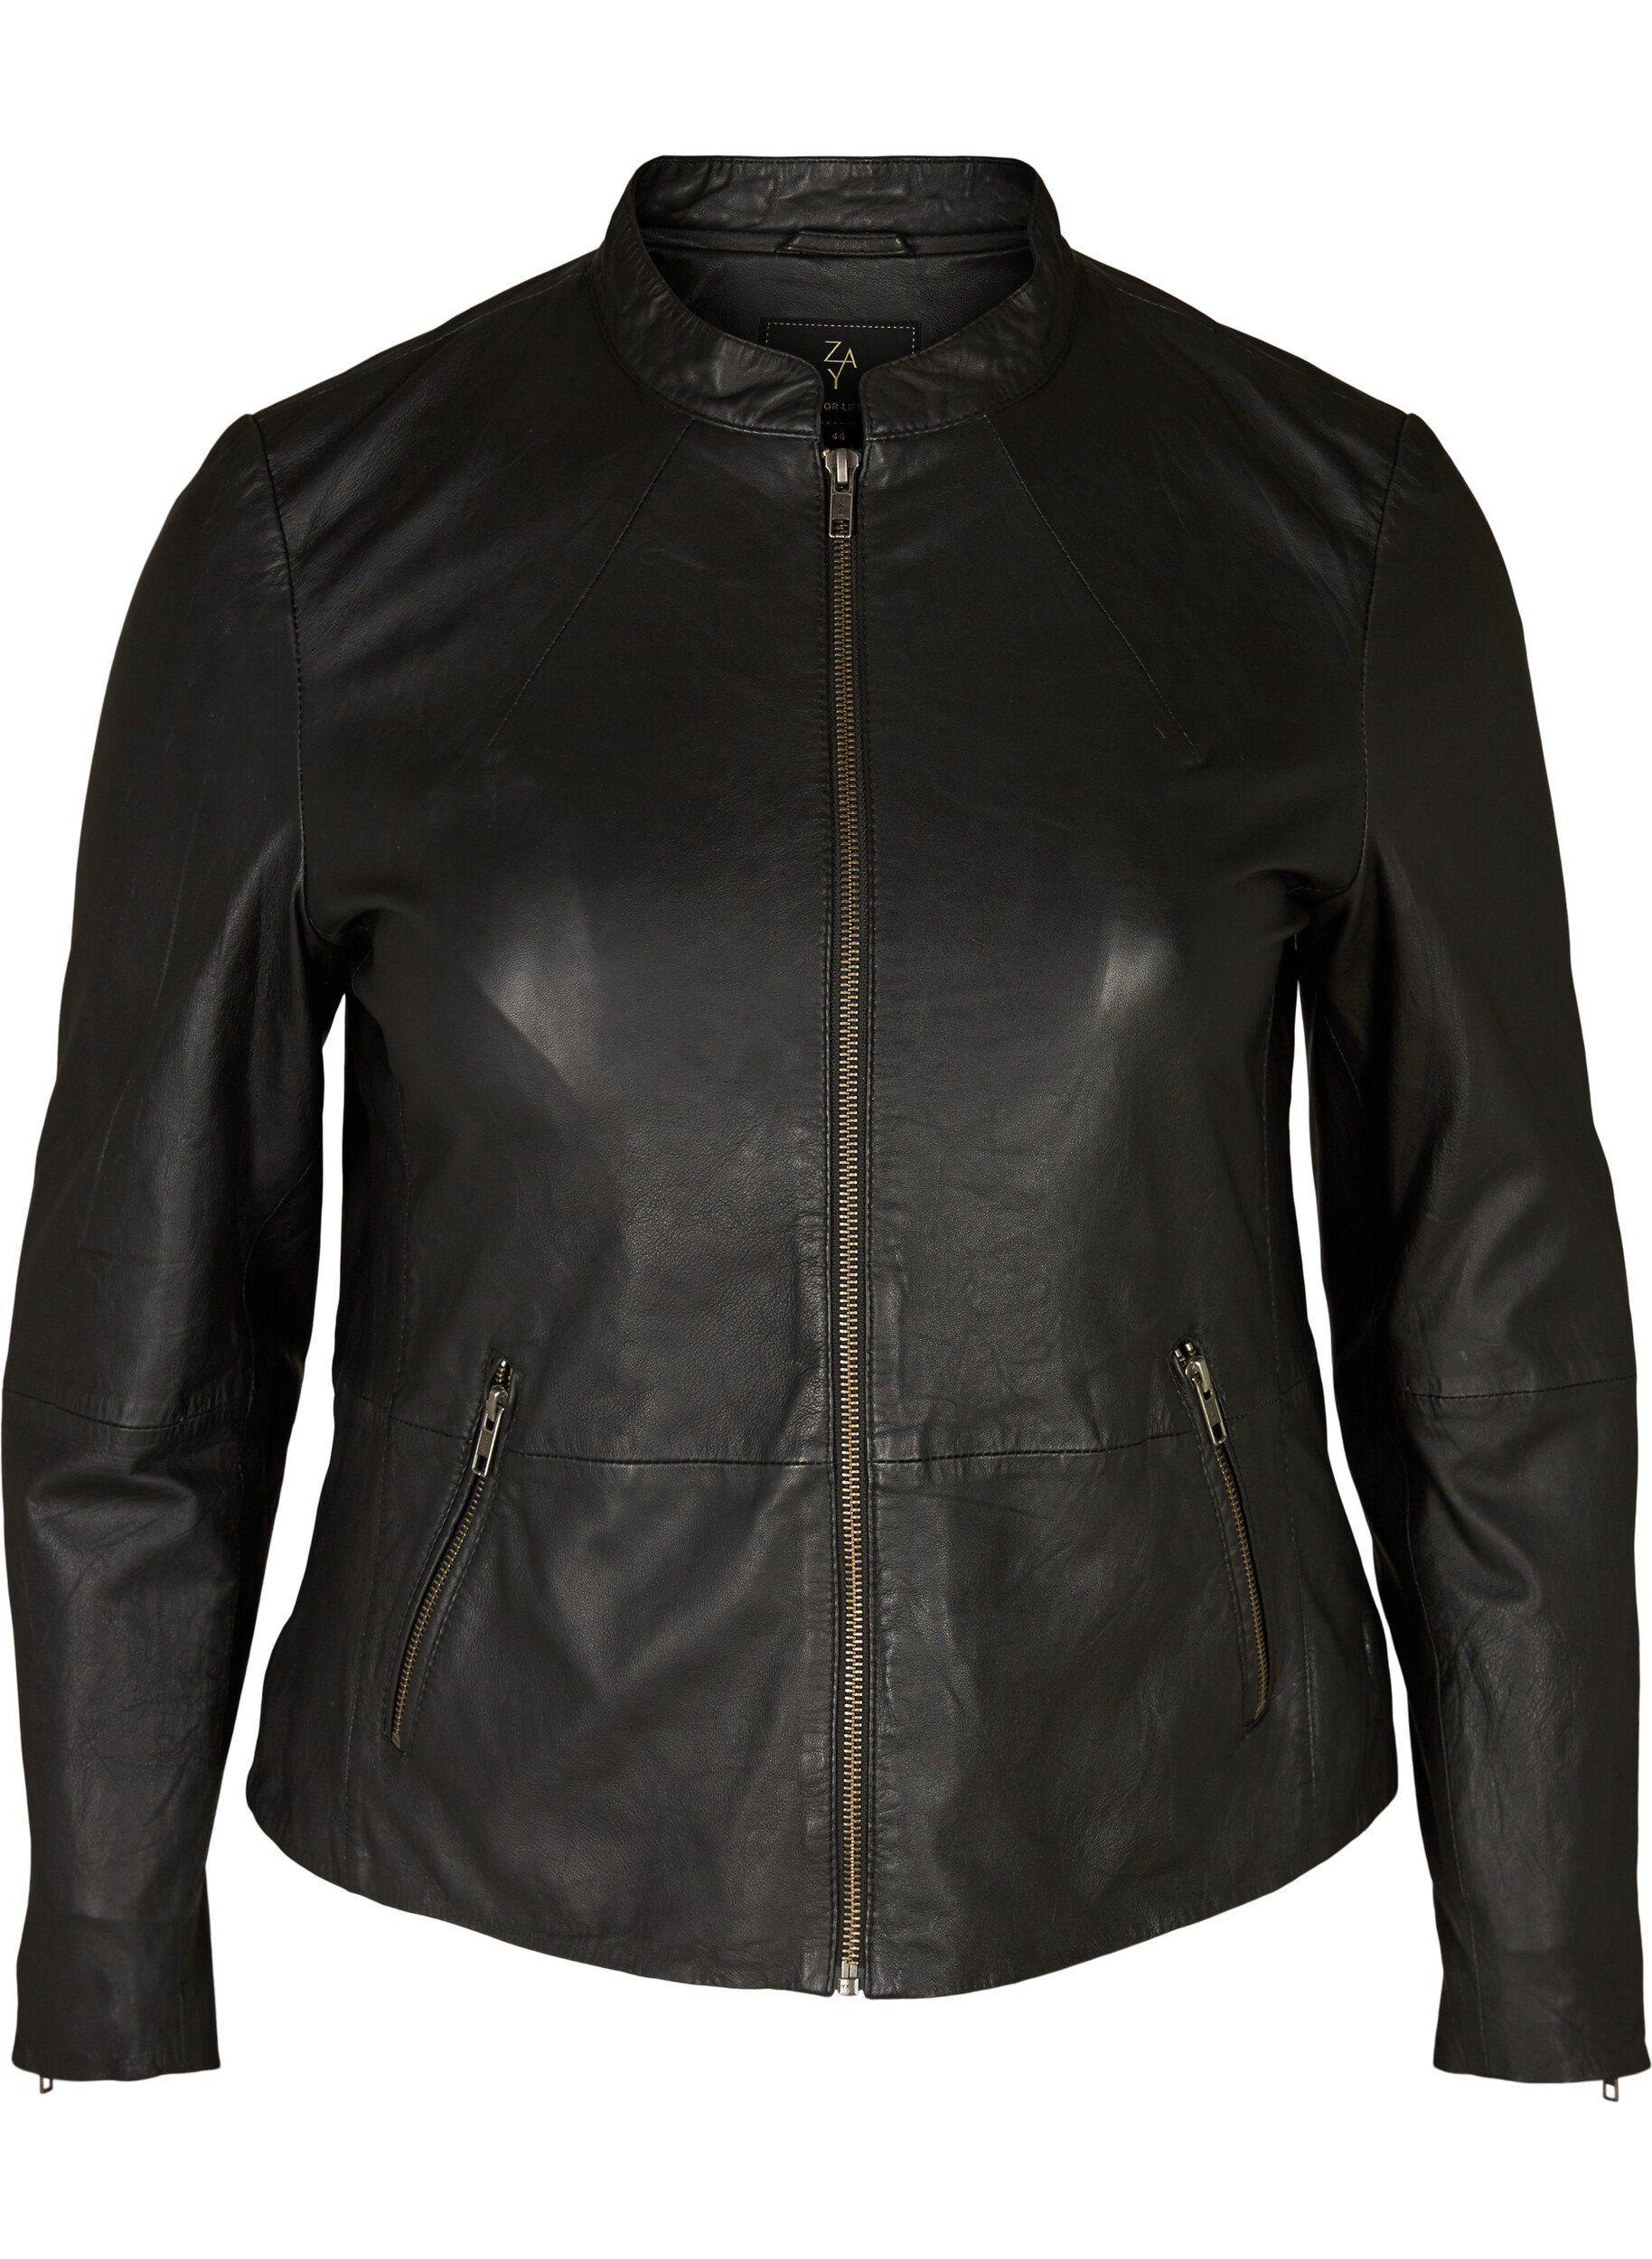 ZAY Lederjacke Große Größen Damen Schlichte Lederjacke mit Reissverschluss und Taschen online kaufen | OTTO